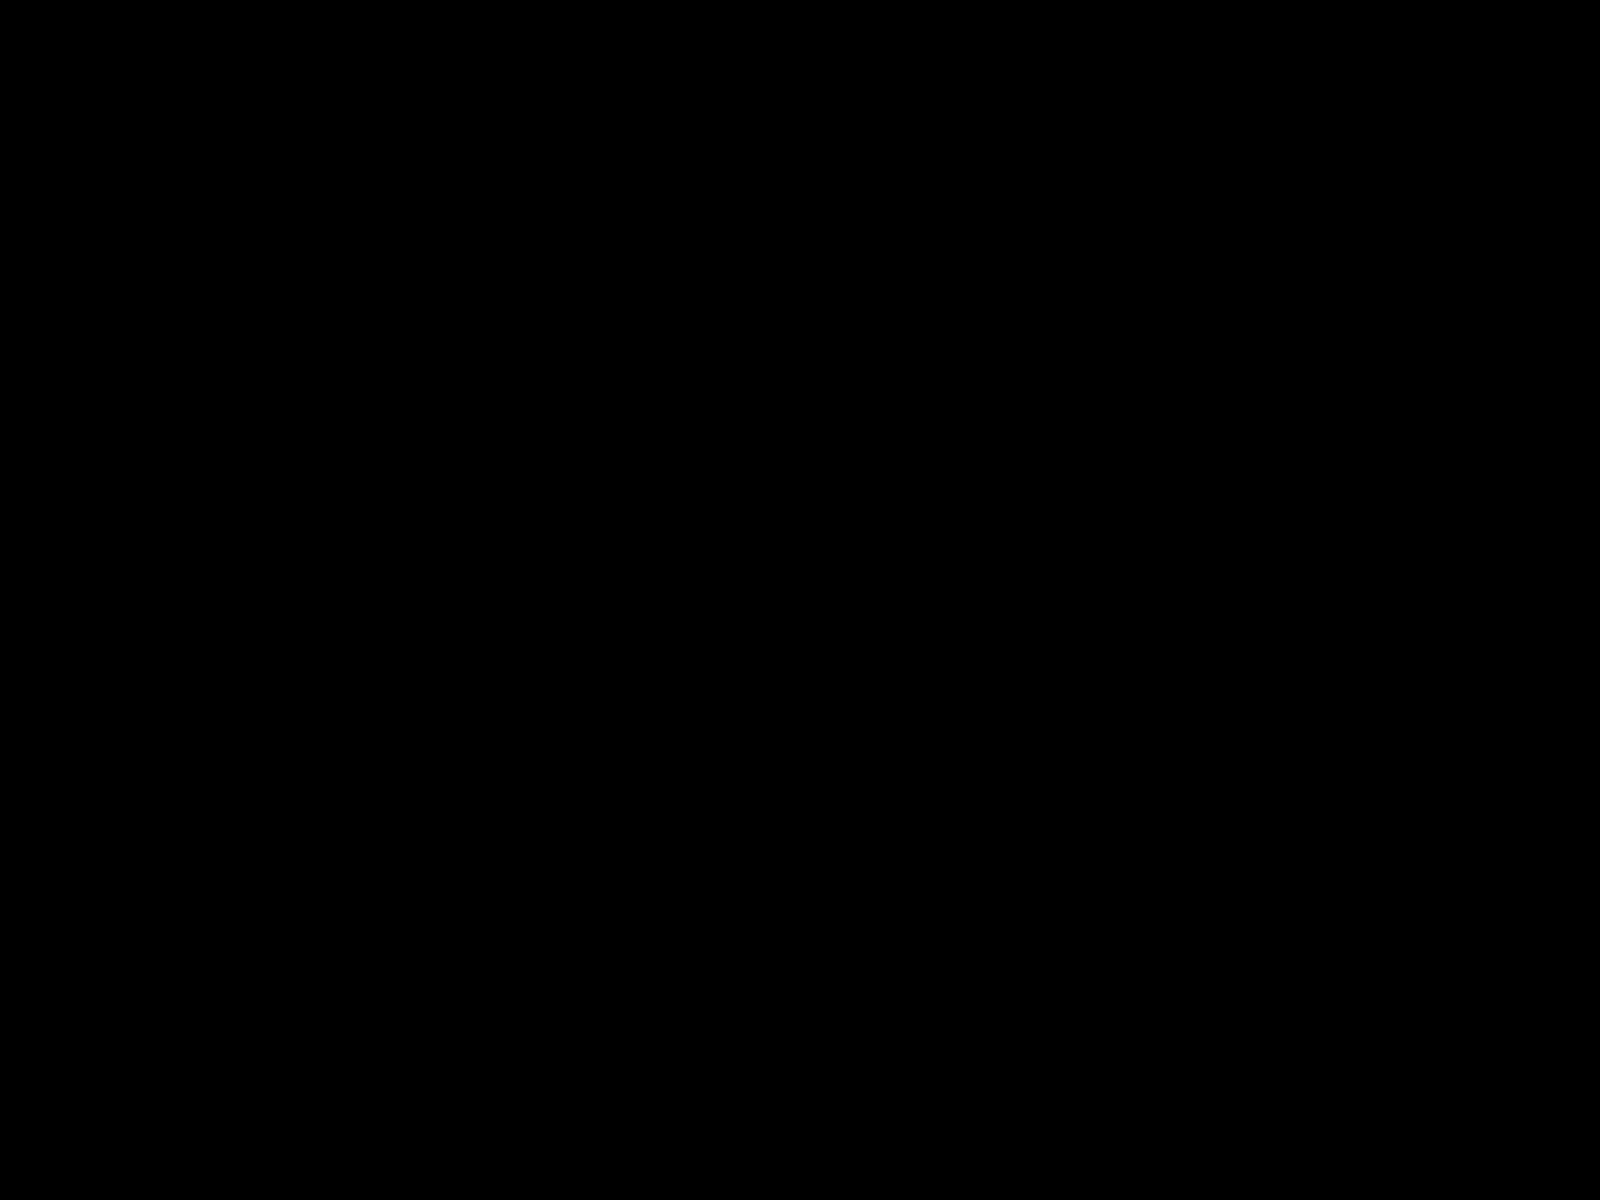 b441524e-3fee-48b7-ac8d-6e41ceb5416e